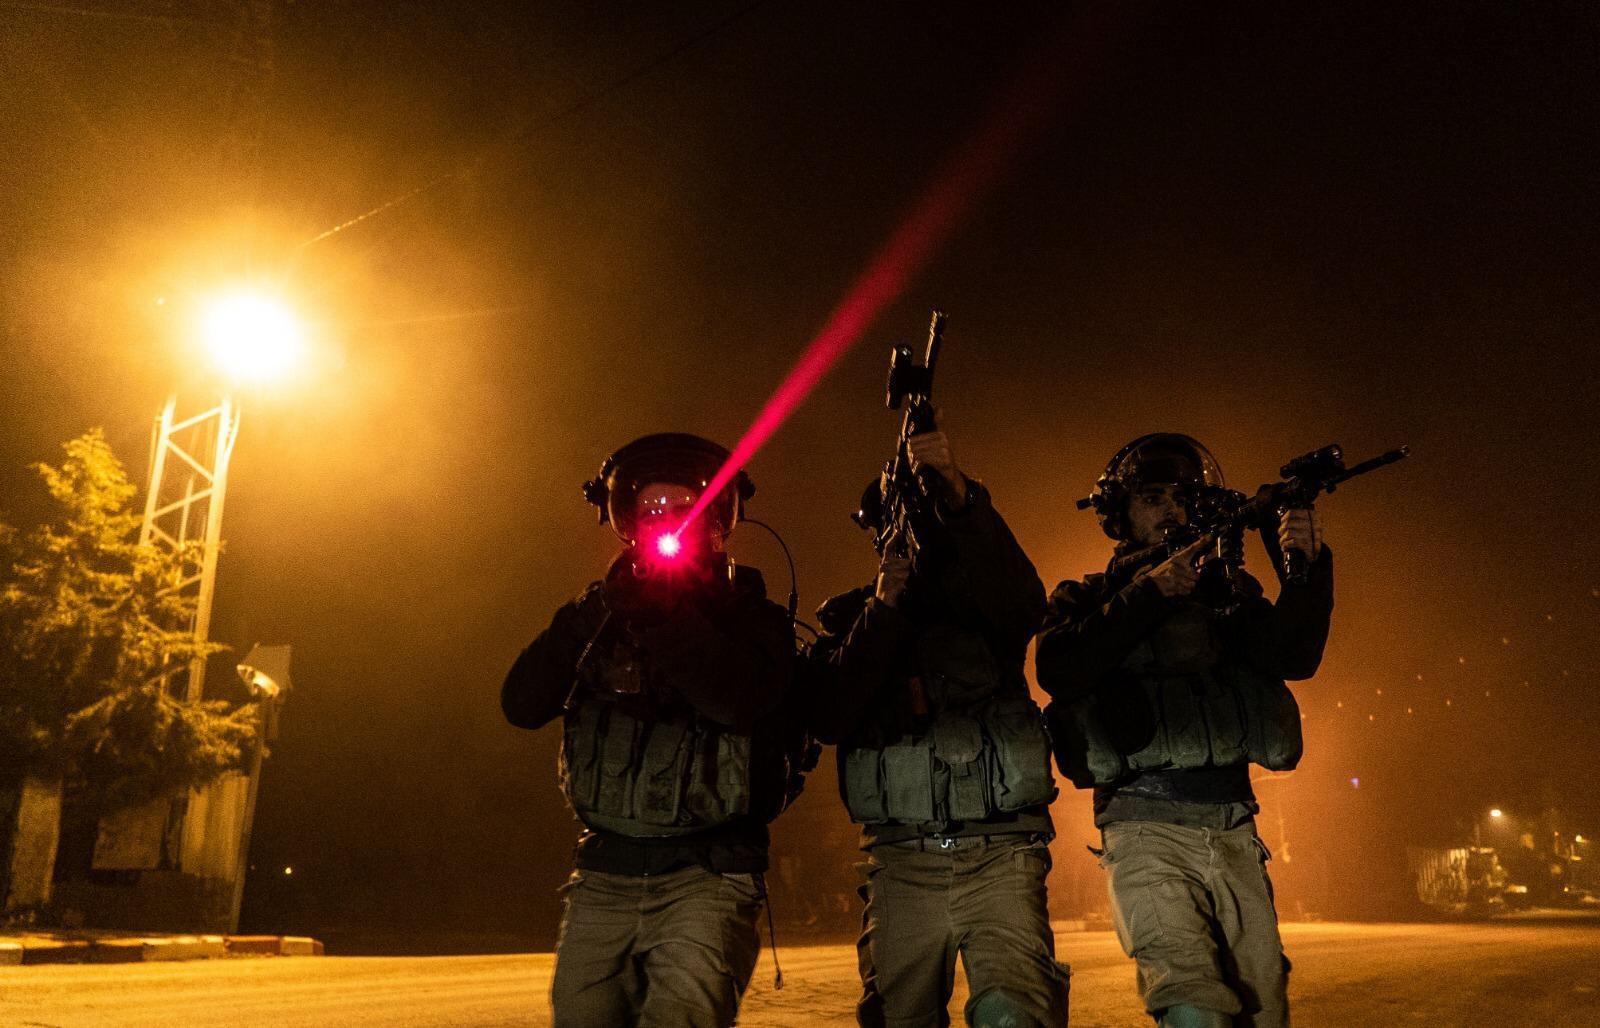 israelisches-militar-fuhrt-im-westjordanland-ein-ki-basiertes-uberwachungssystem-ein